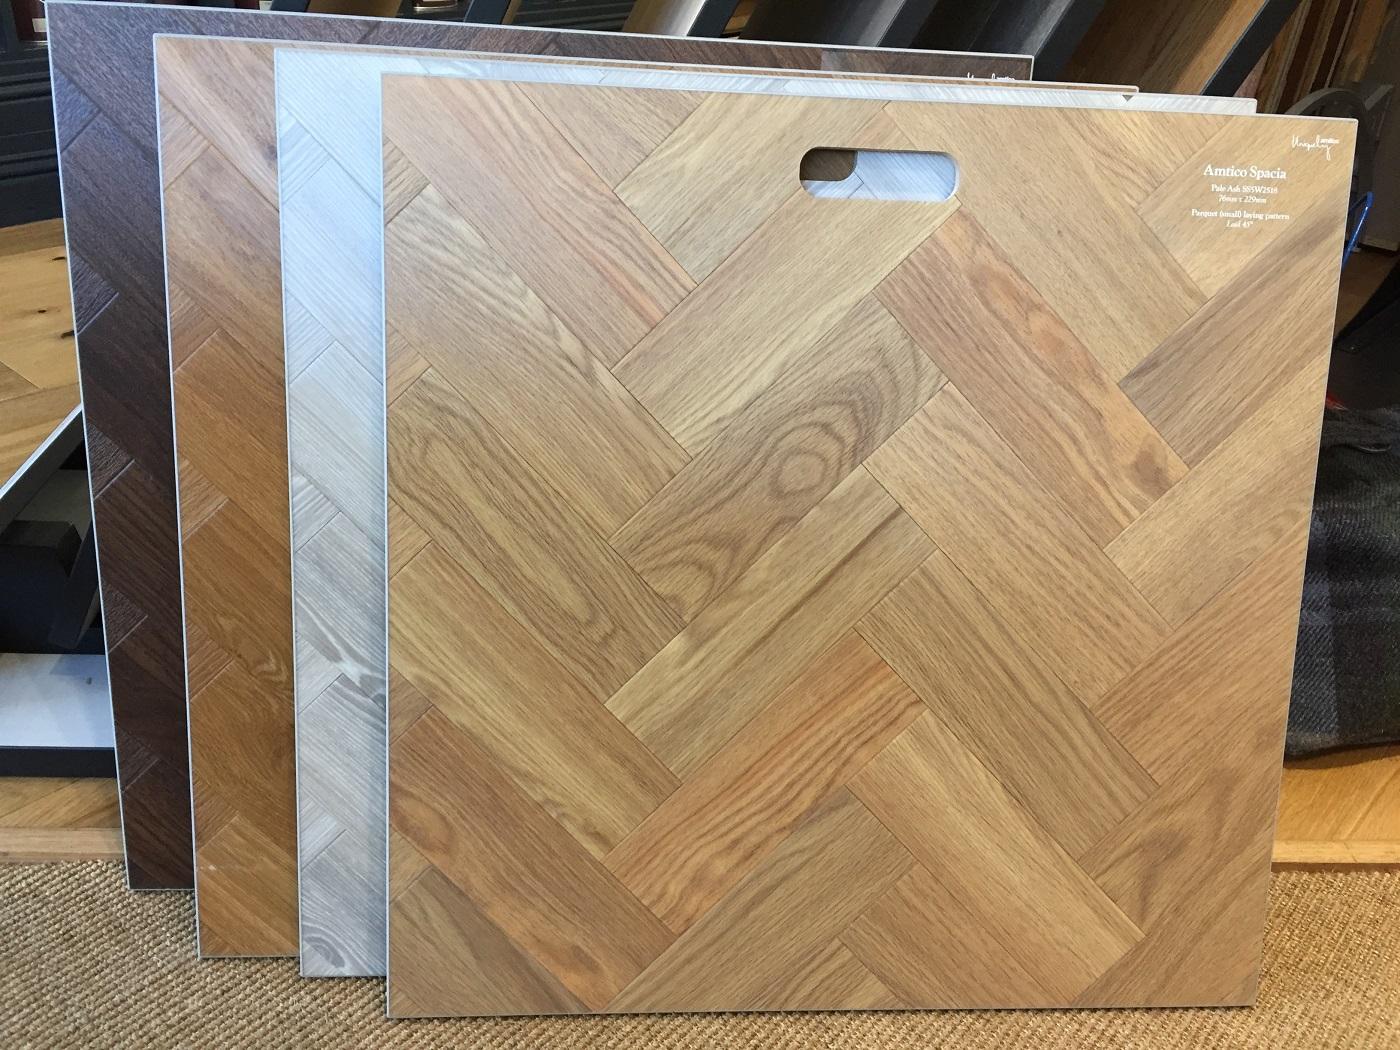 New Amtico Spacia Parquet Flooring Studio